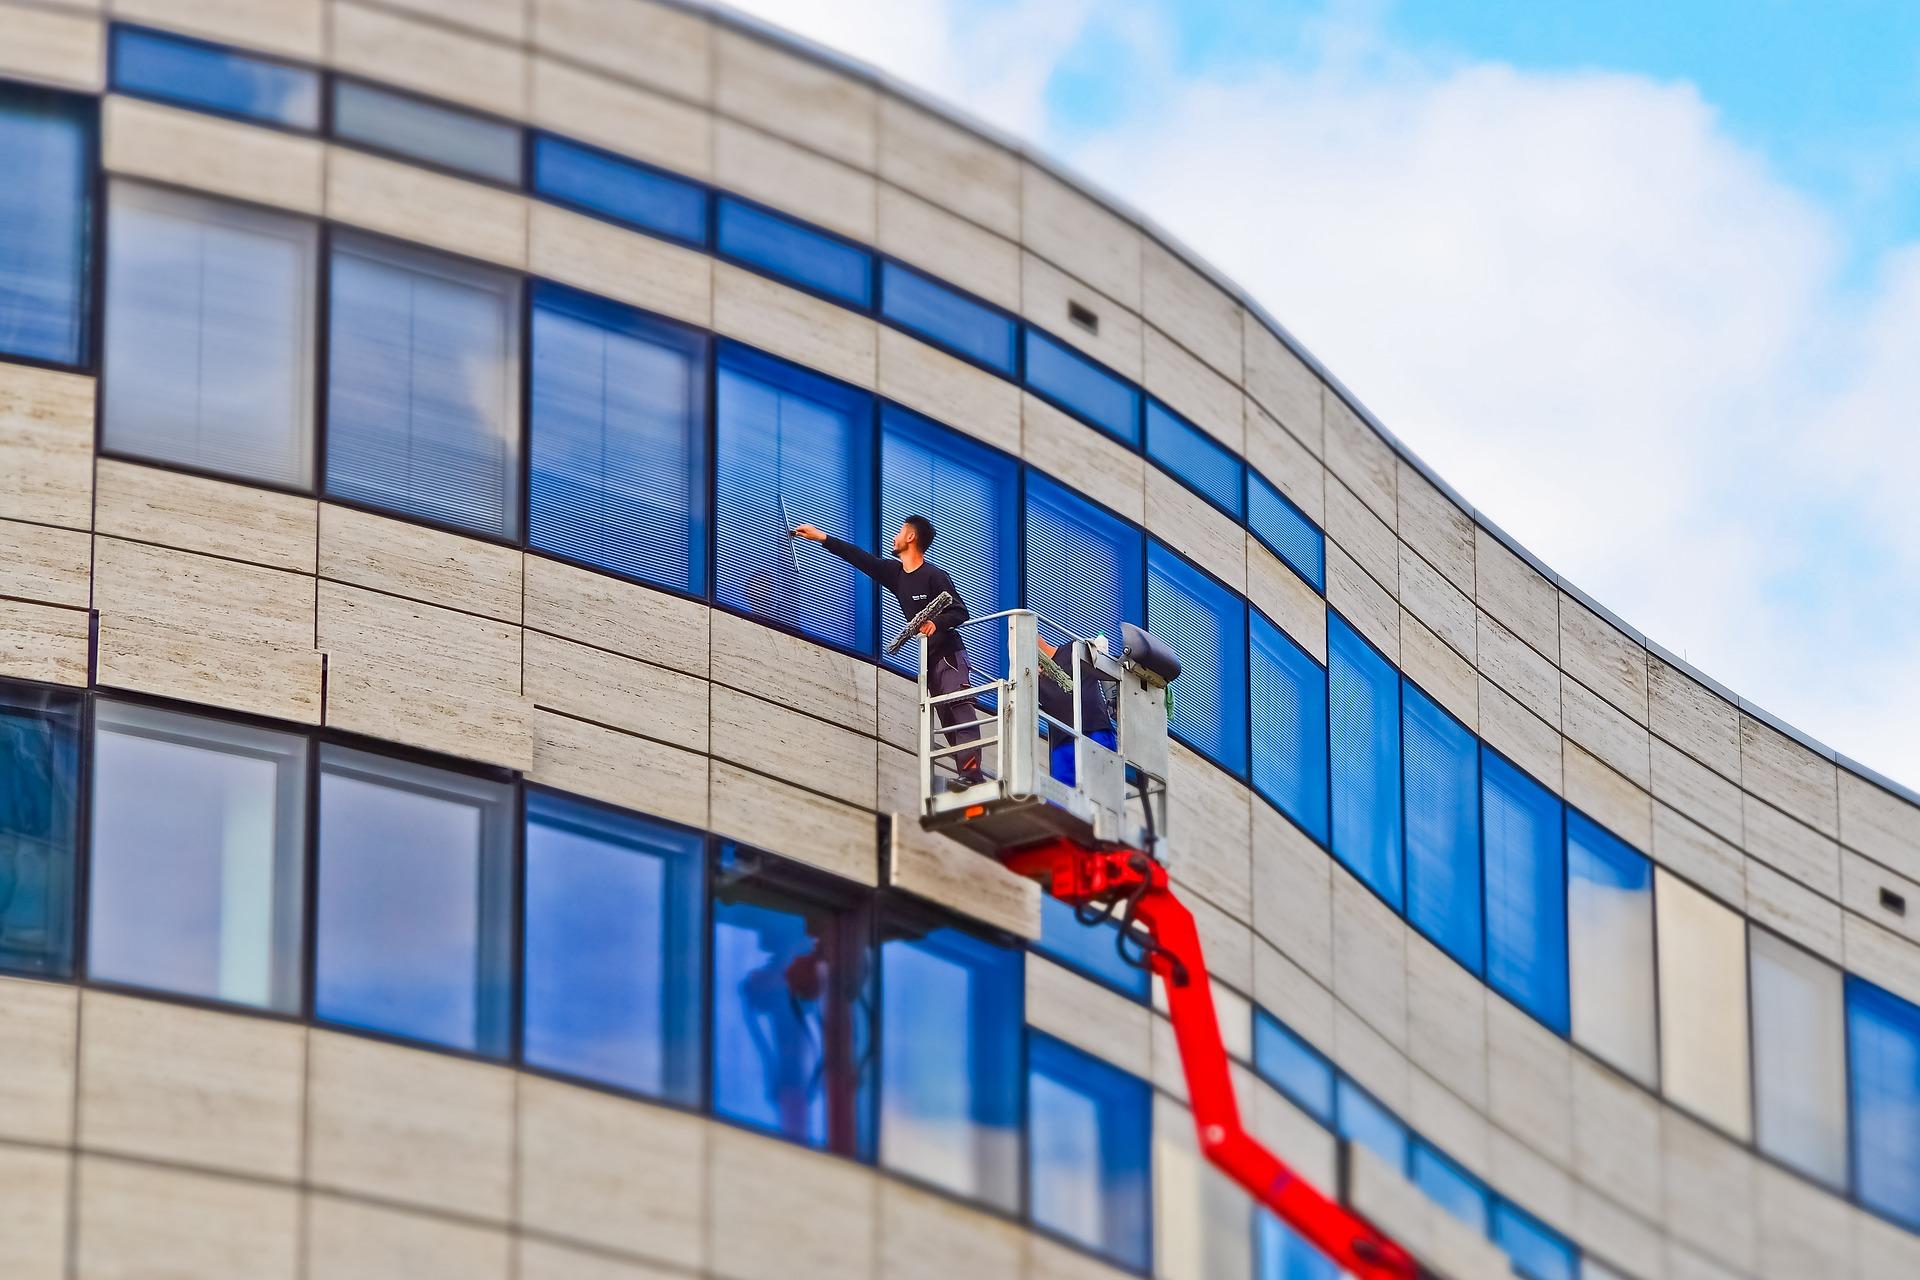 Die professionelle Fensterreinigung  ist eines von unseren vielen Spezialgebieten. Wir werden dafür sorgen, dass auch Ihre Fenster wieder glänzen. Die Fensterreinigung (Bsp. Wintergarten Fensterreinigung) umfasst folgende Arbeiten:  Glasflächenreinigung Fensterrahmenreinigung Fensterbrettreinigung Entfernen von Spinnweben